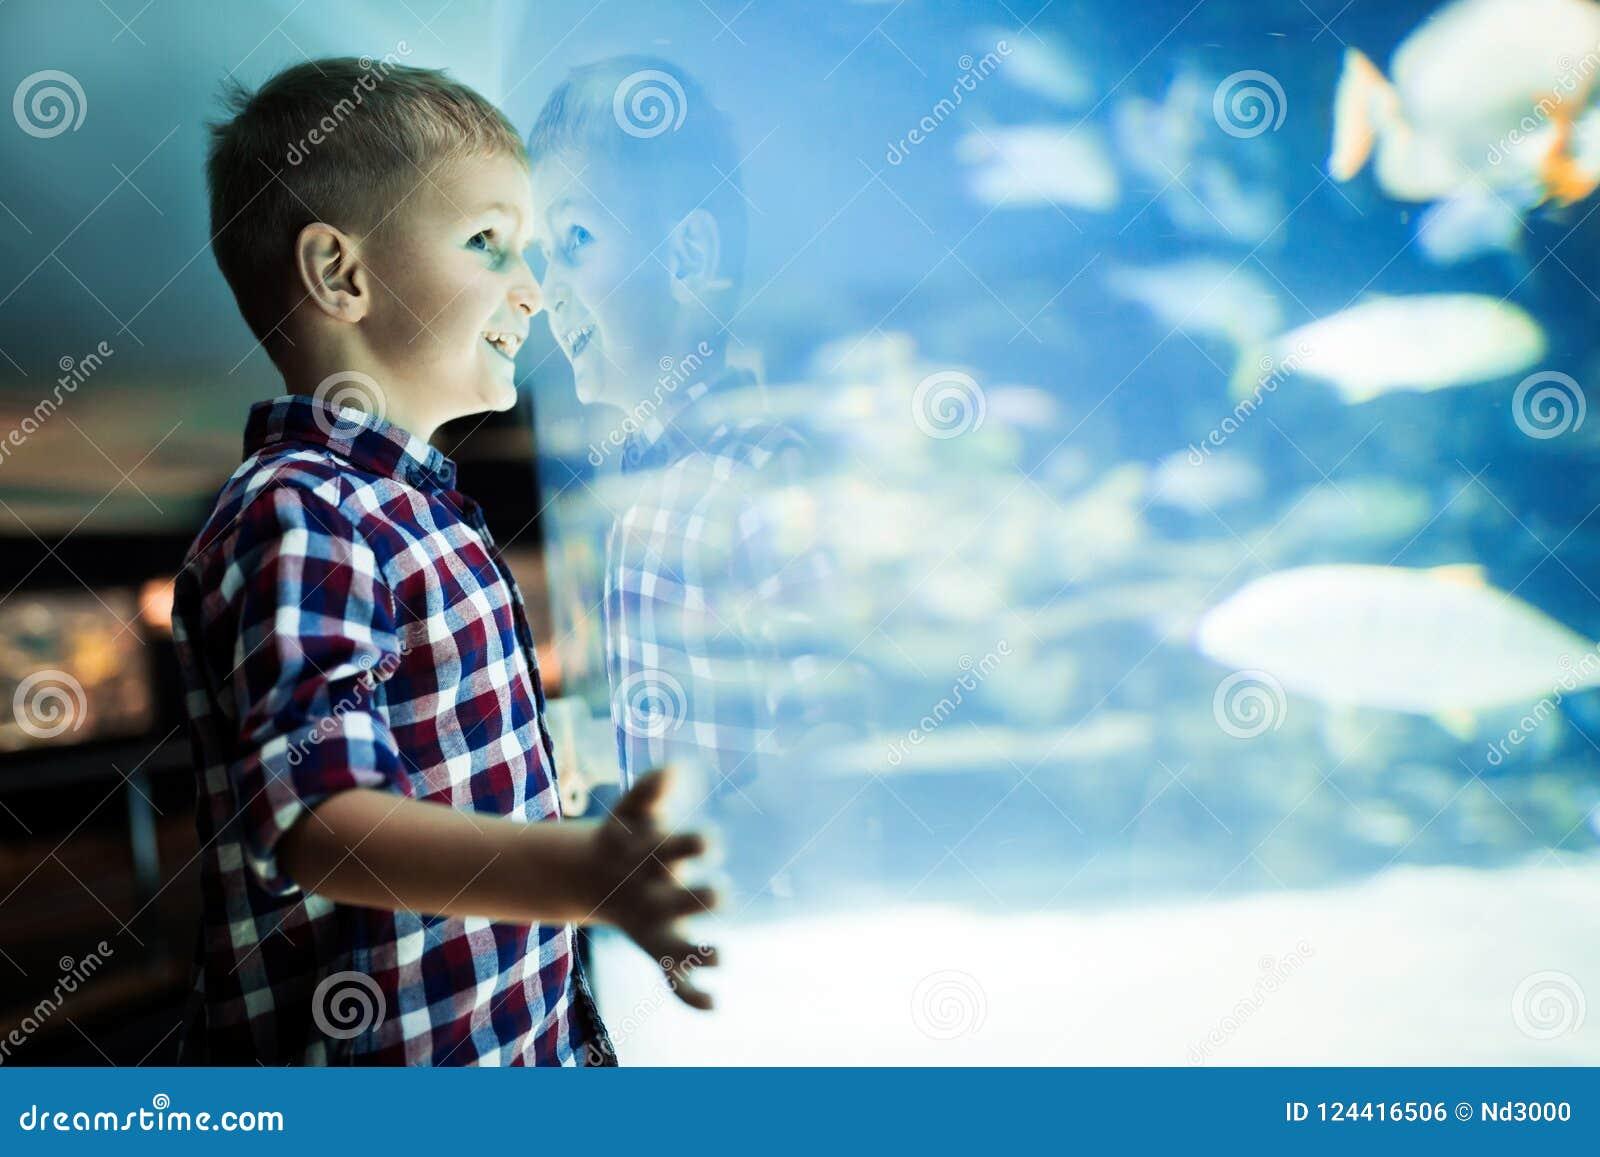 Σοβαρό αγόρι που κοιτάζει στο ενυδρείο με τα τροπικά ψάρια